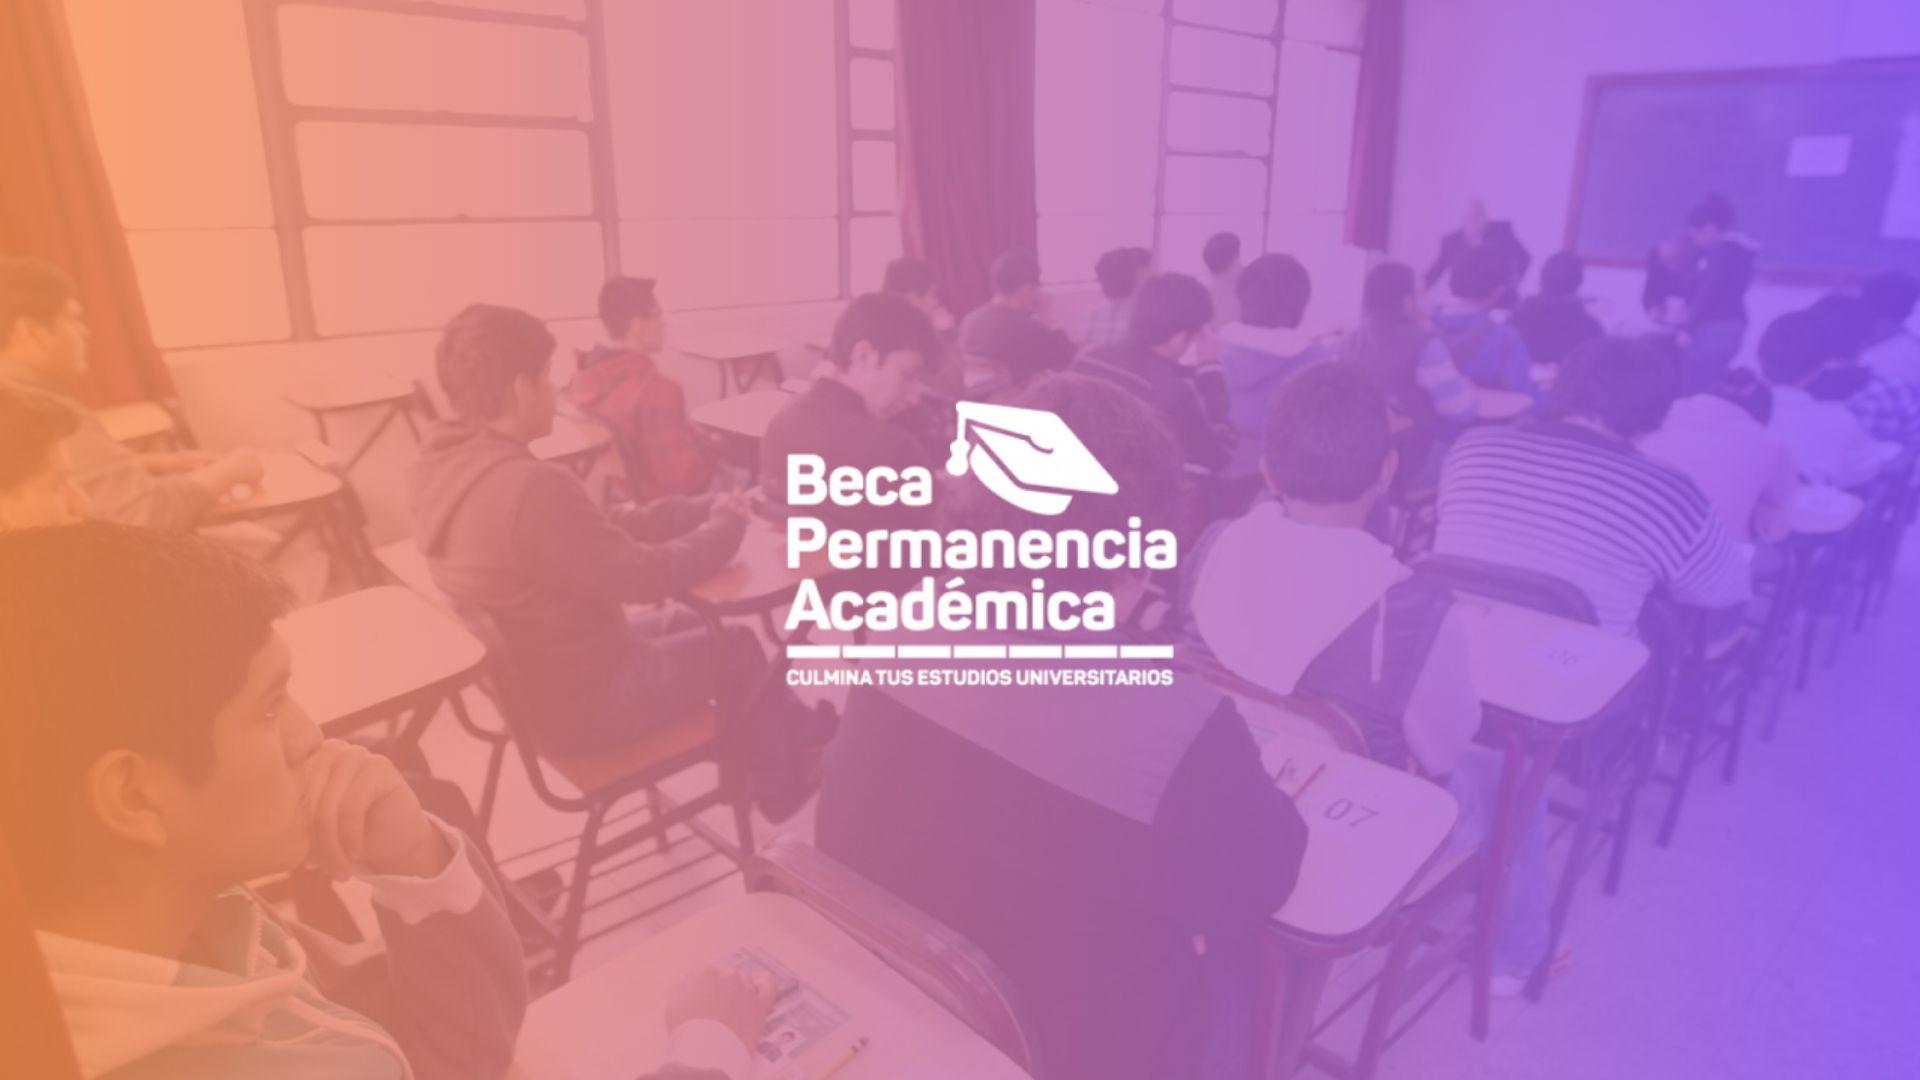 Beca de permanencia académica PRONABEC Perú